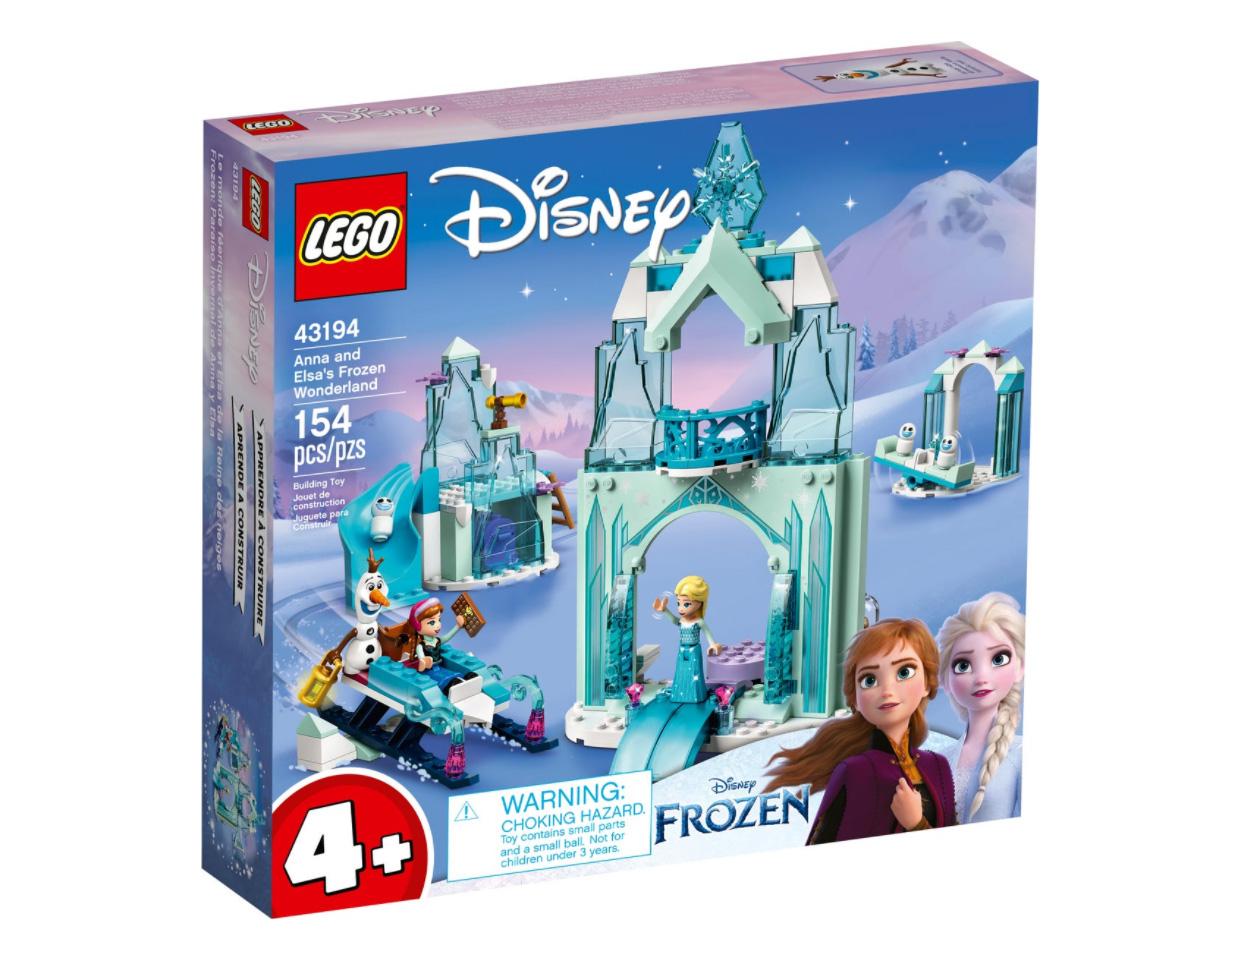 レゴ(LEGO) ディズニー・プリンセス アナとエルサの氷のワンダーランド 43194